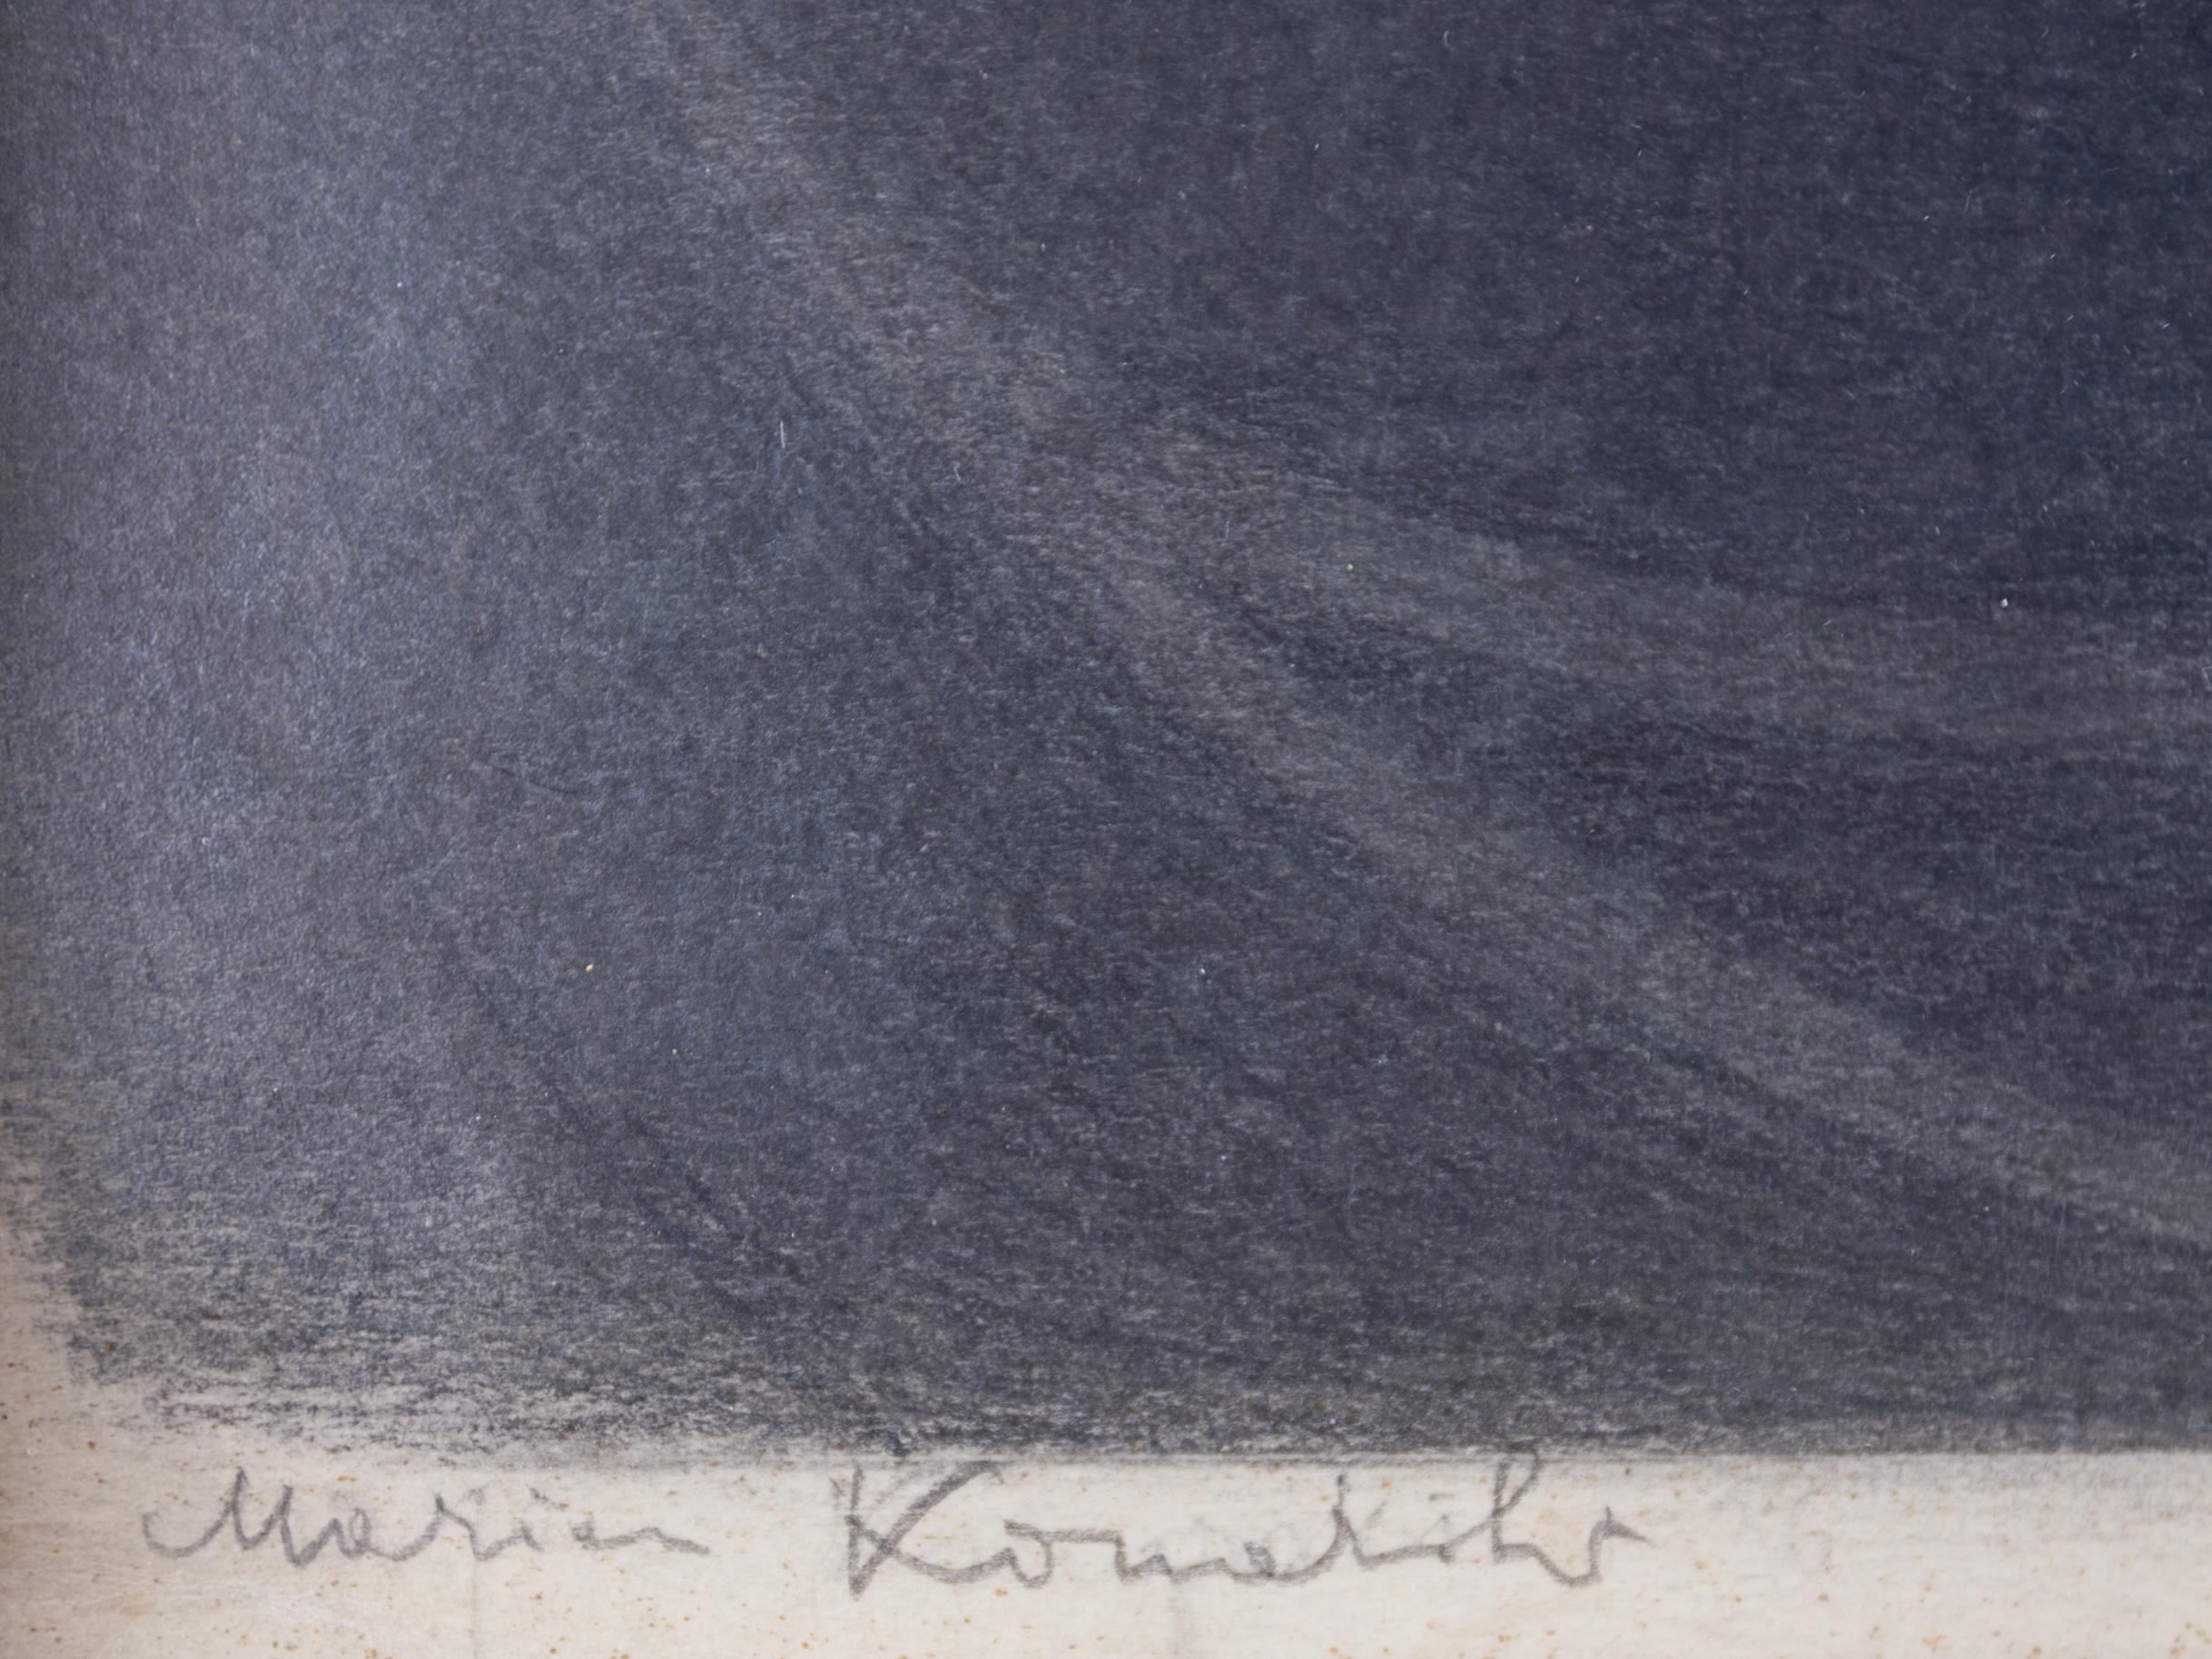 KONARSKI MARIAN (1909-1998), Powstanie pomysłu utworu lirycznego, 1930